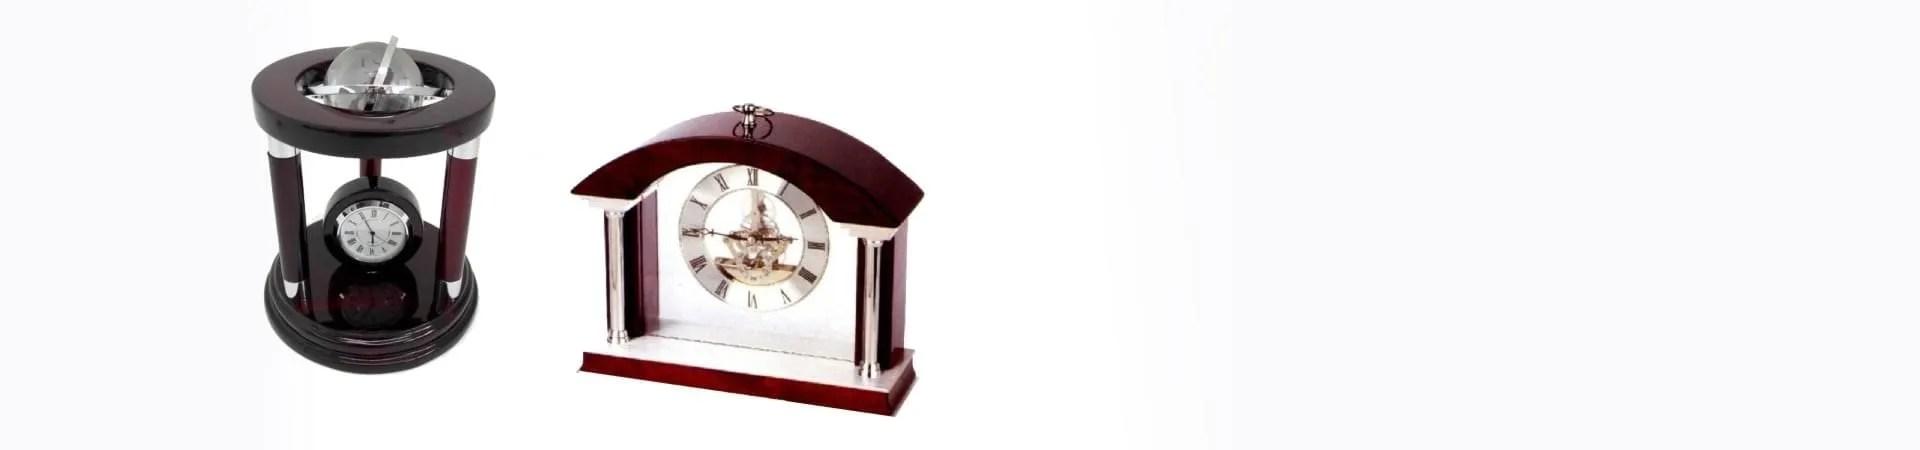 relojes-slider